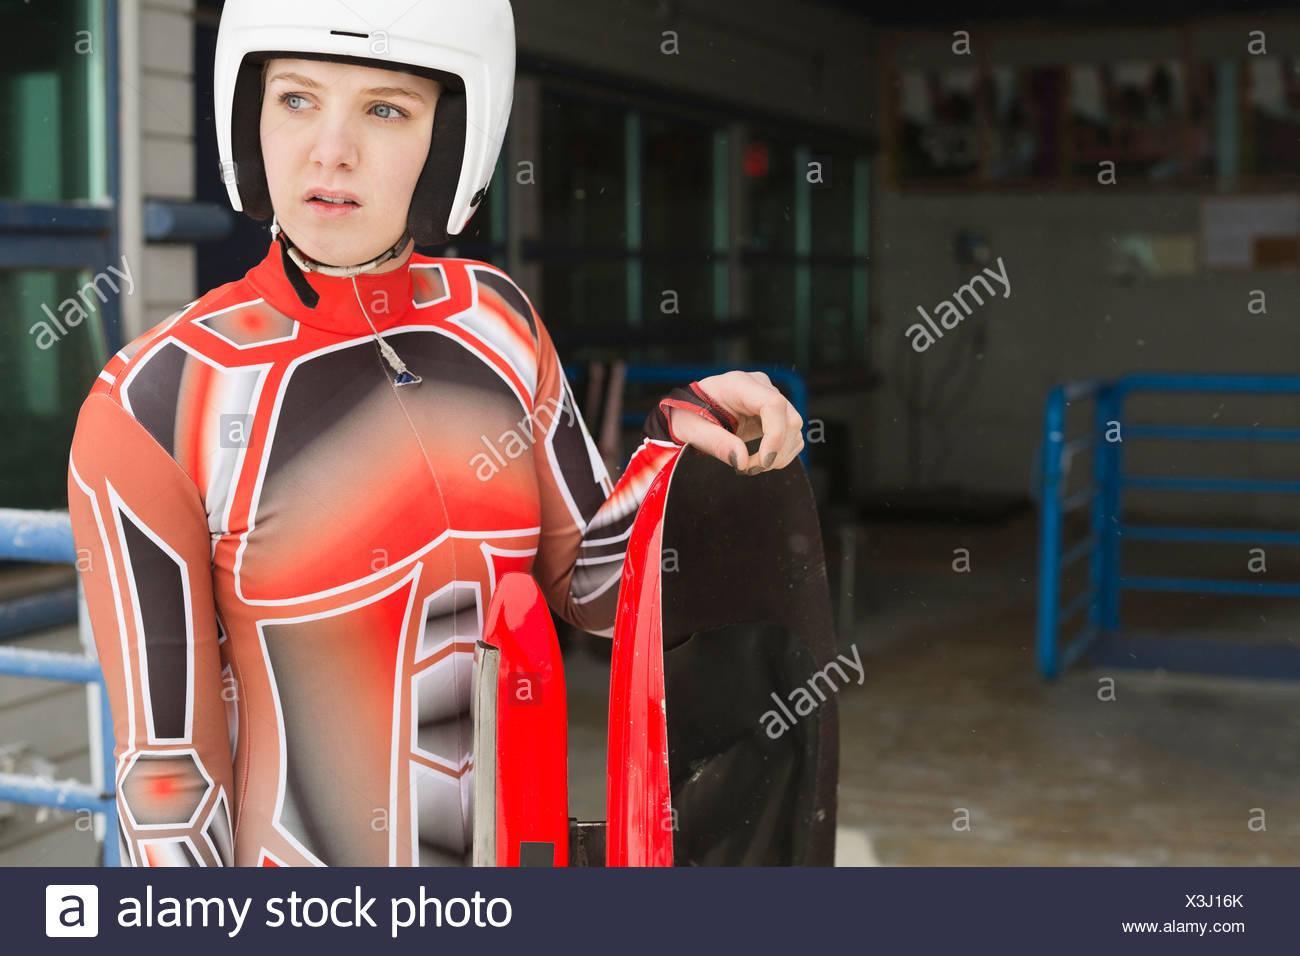 La préparation de l'athlète féminine de la course de luge Photo Stock